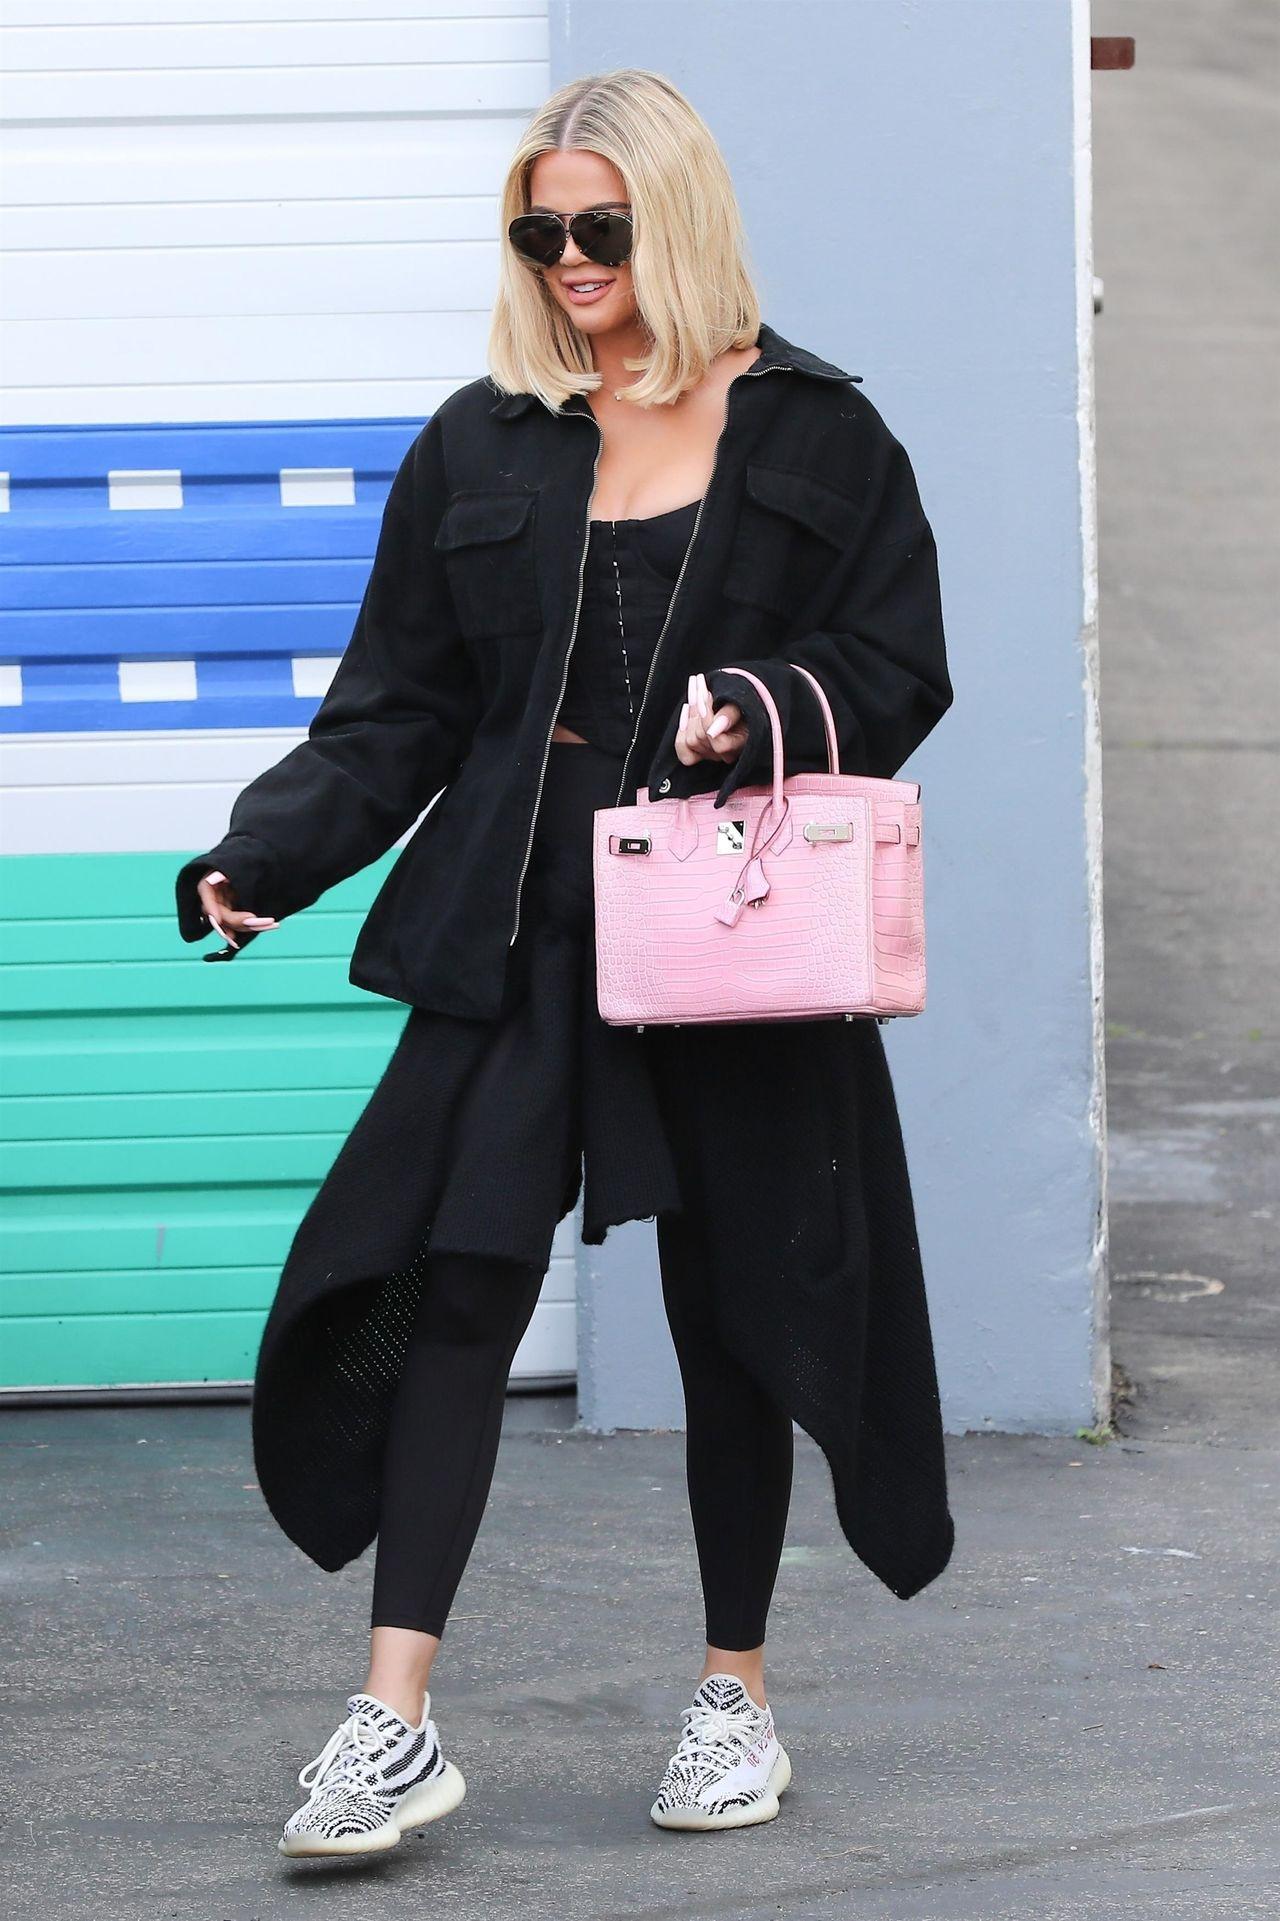 Nawet do sportowej stylówki na siłownię Khloe dobiera swoją ulubioną, różową torebkę Birkin